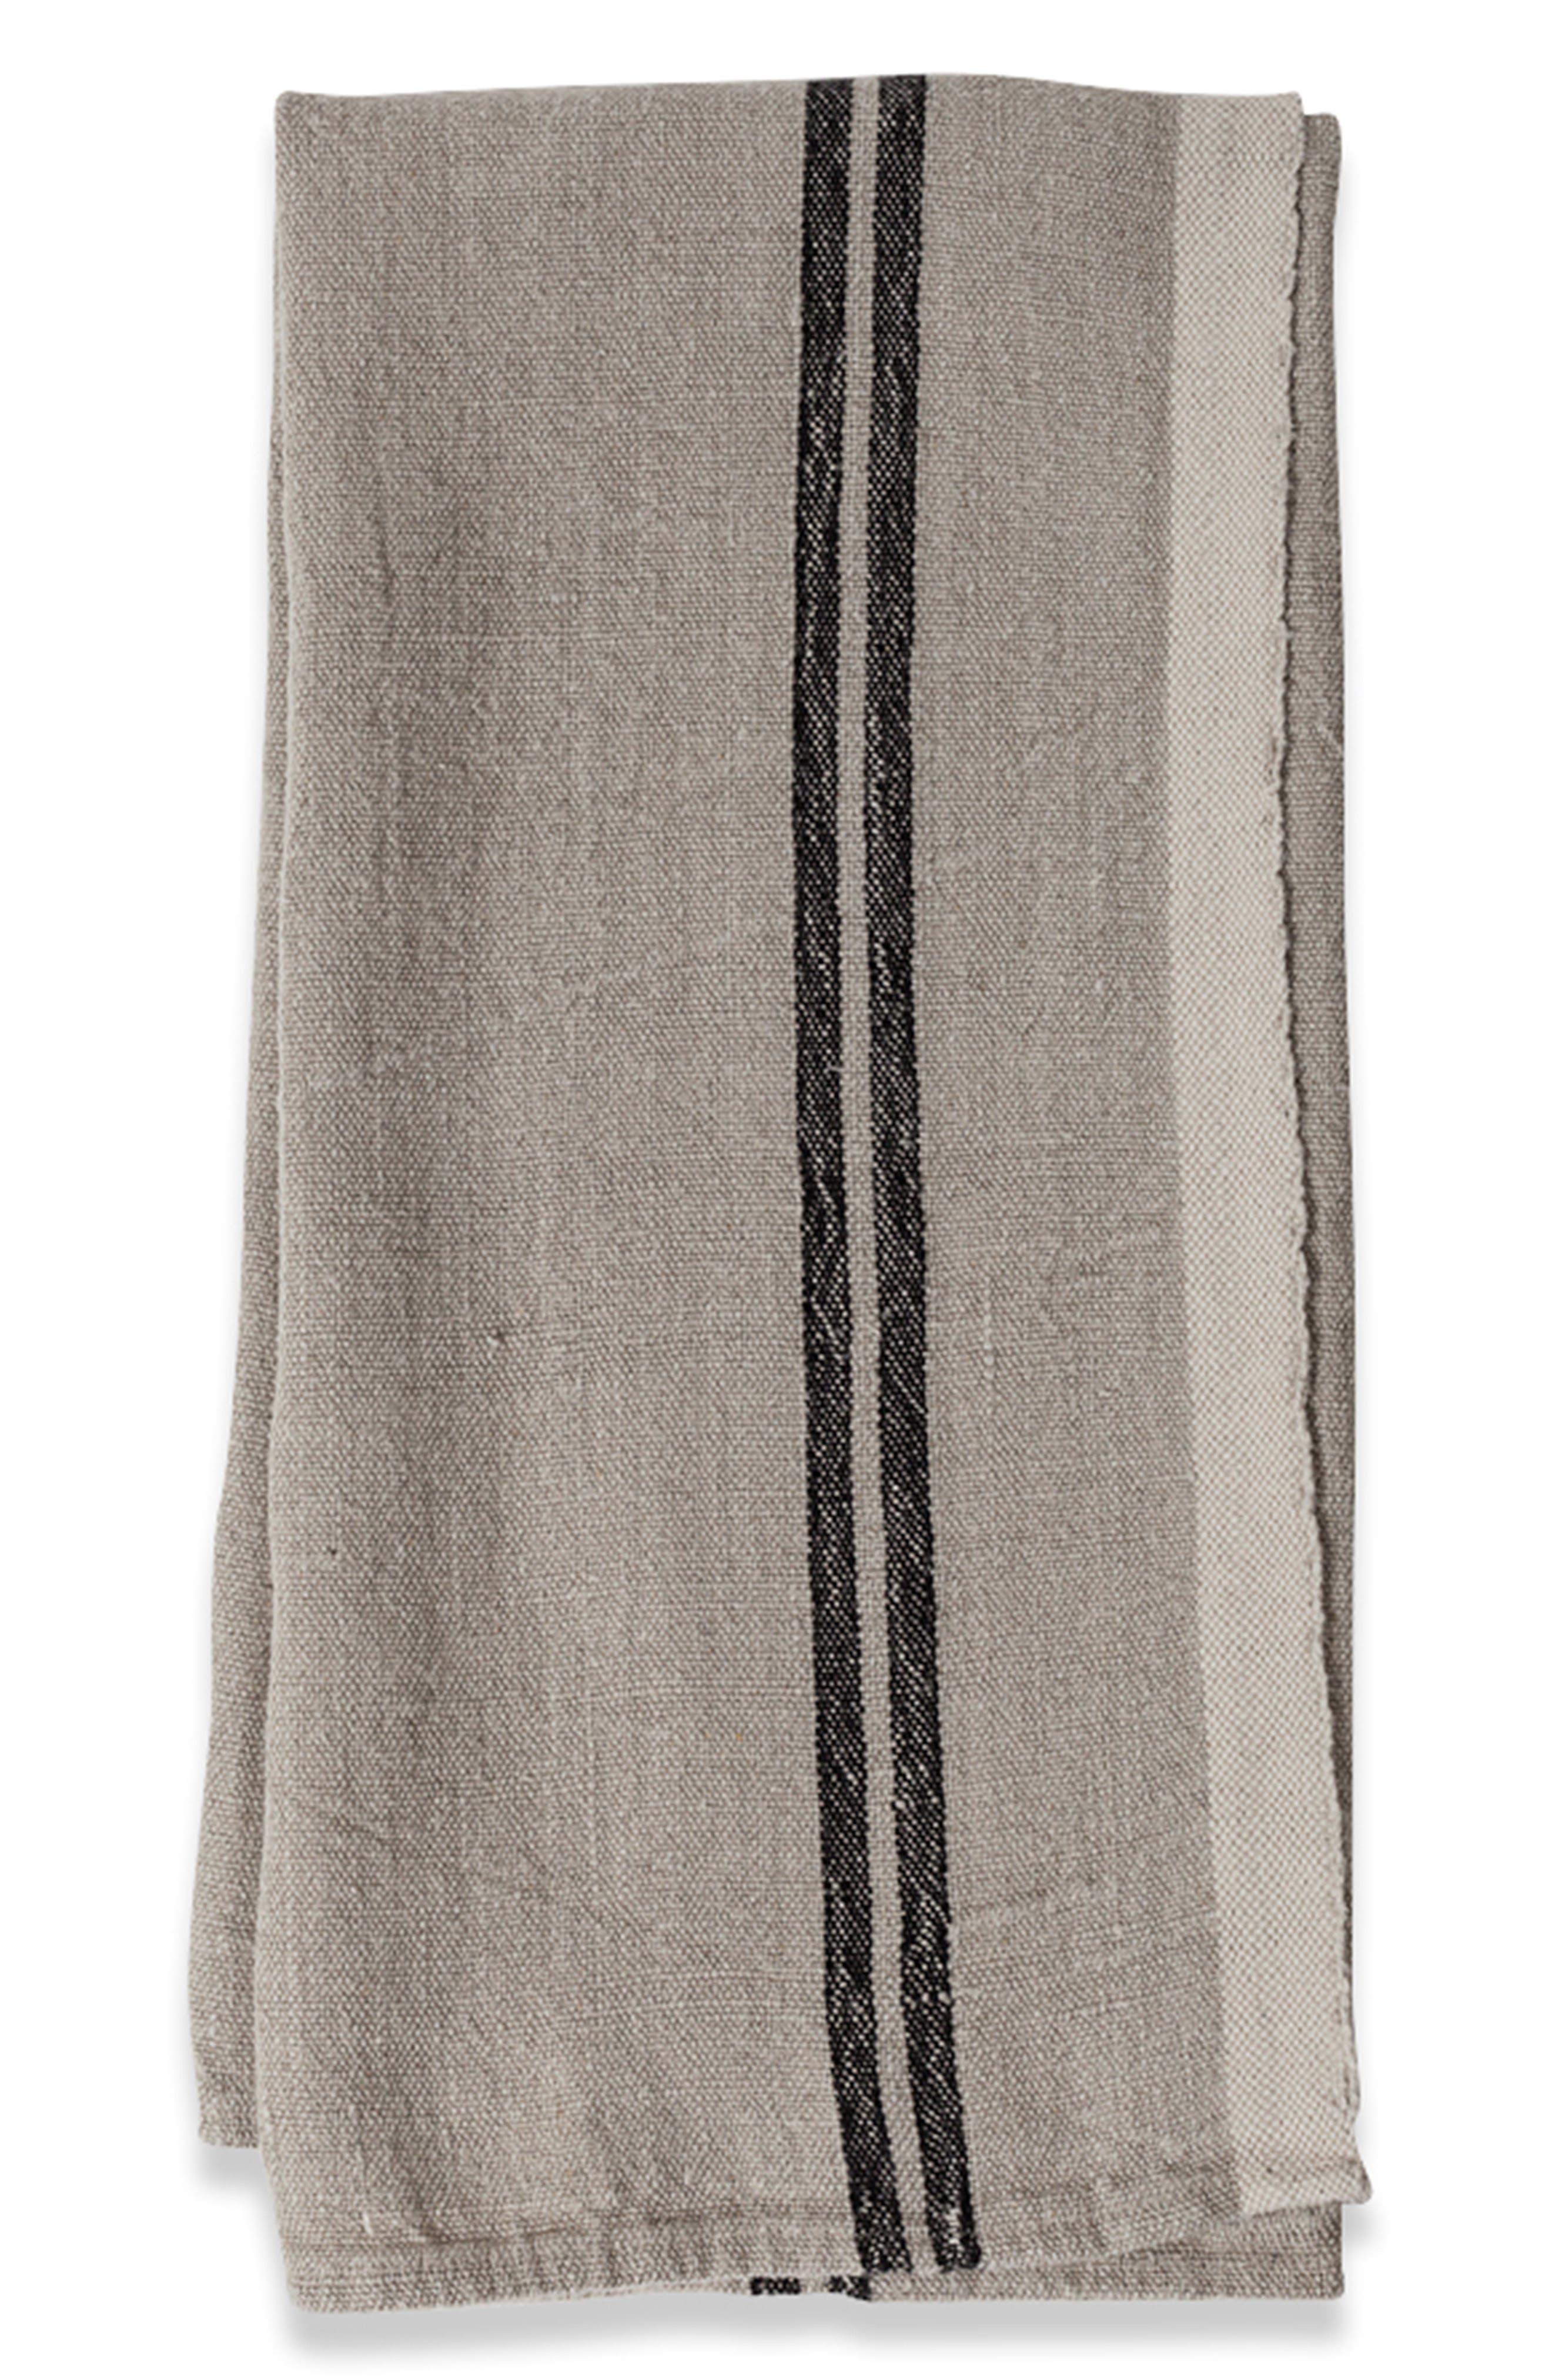 Caravan Set Of 2 Vintage Linen Tea Towels Size One Size  Black